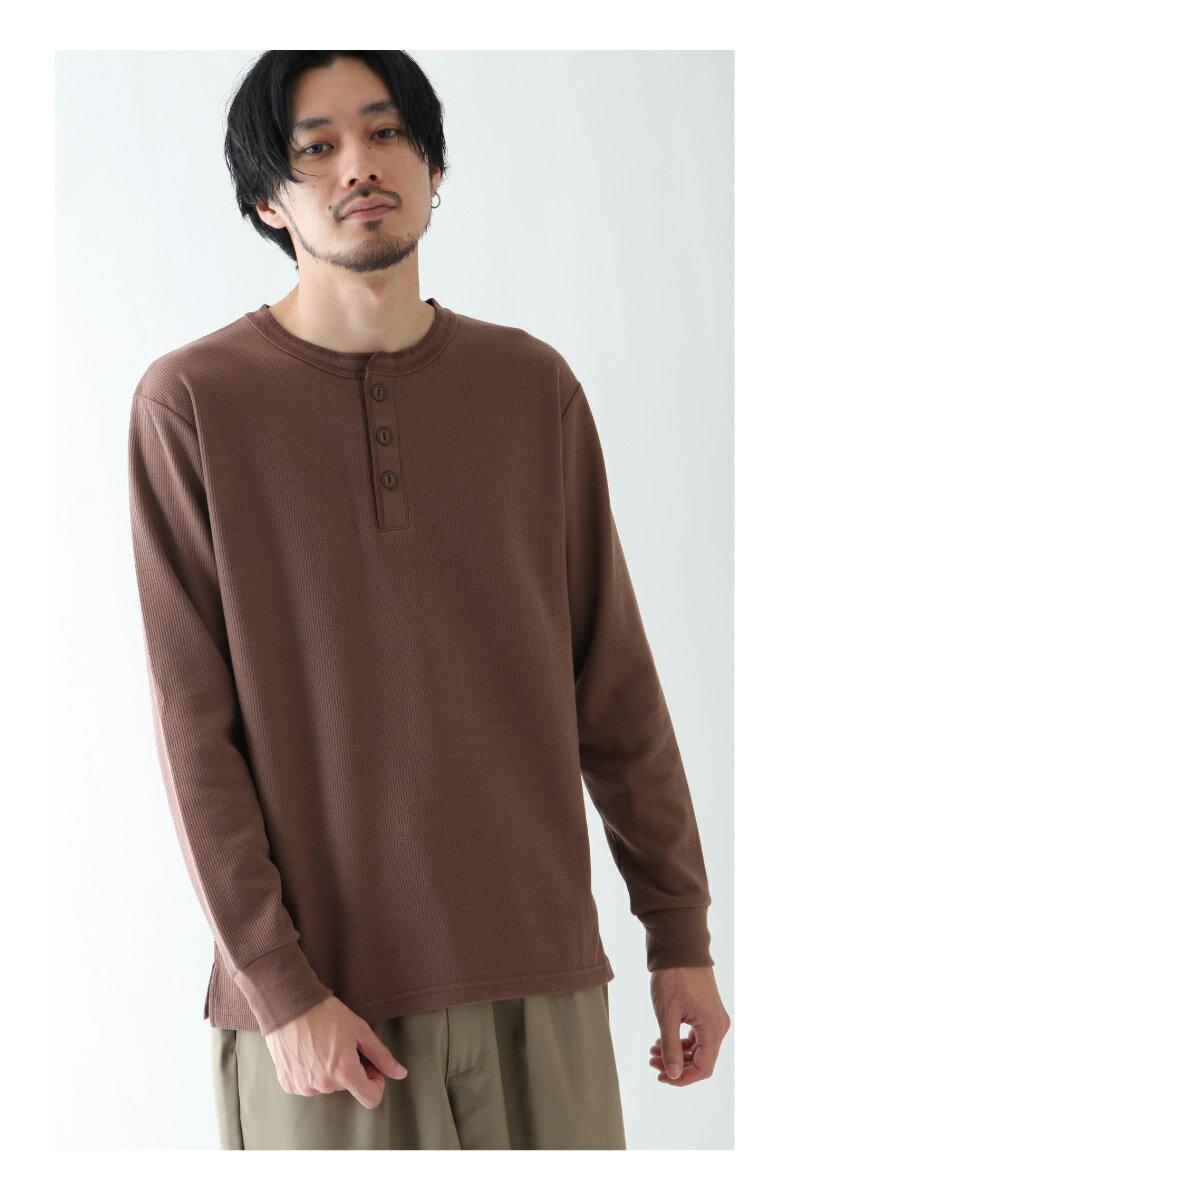 亨利領長袖T恤 7